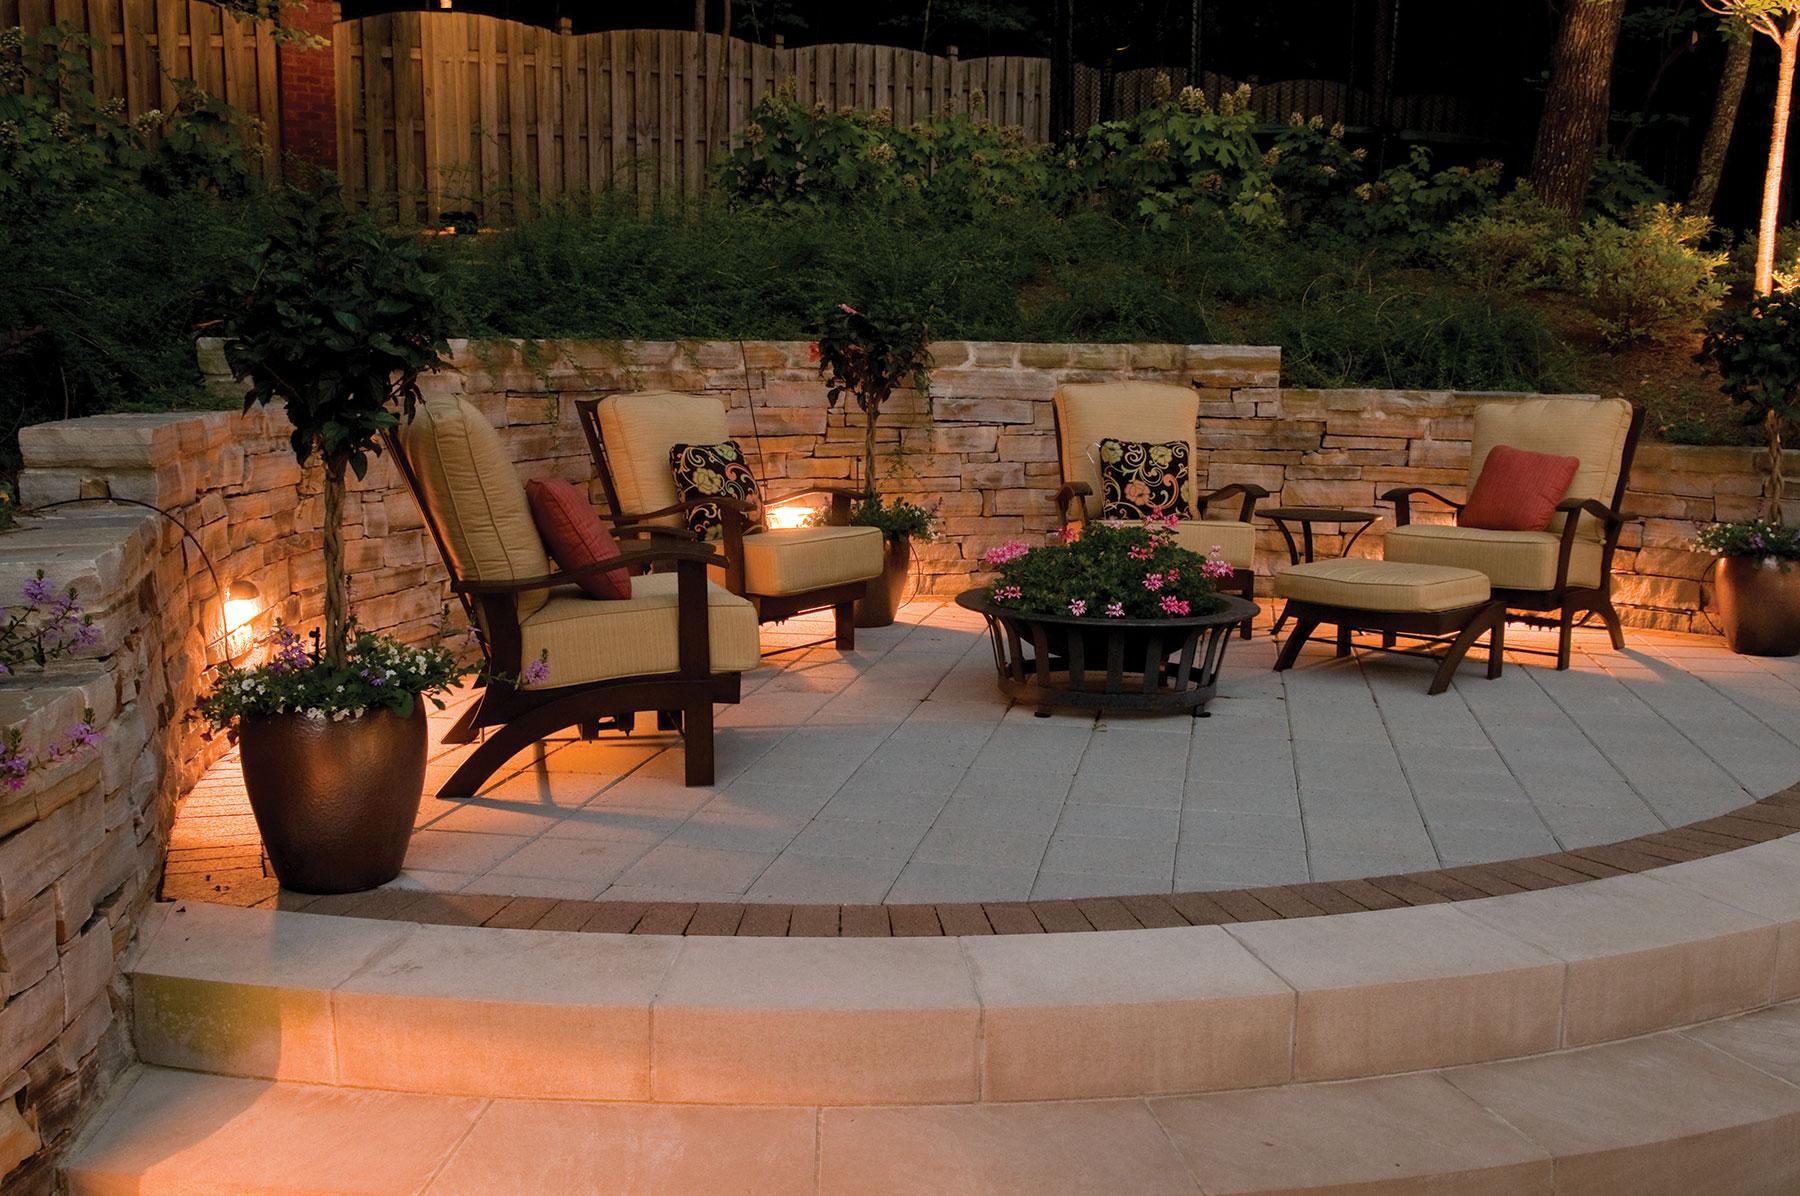 Best Outdoor Landscape Lighting: Patio Lighting